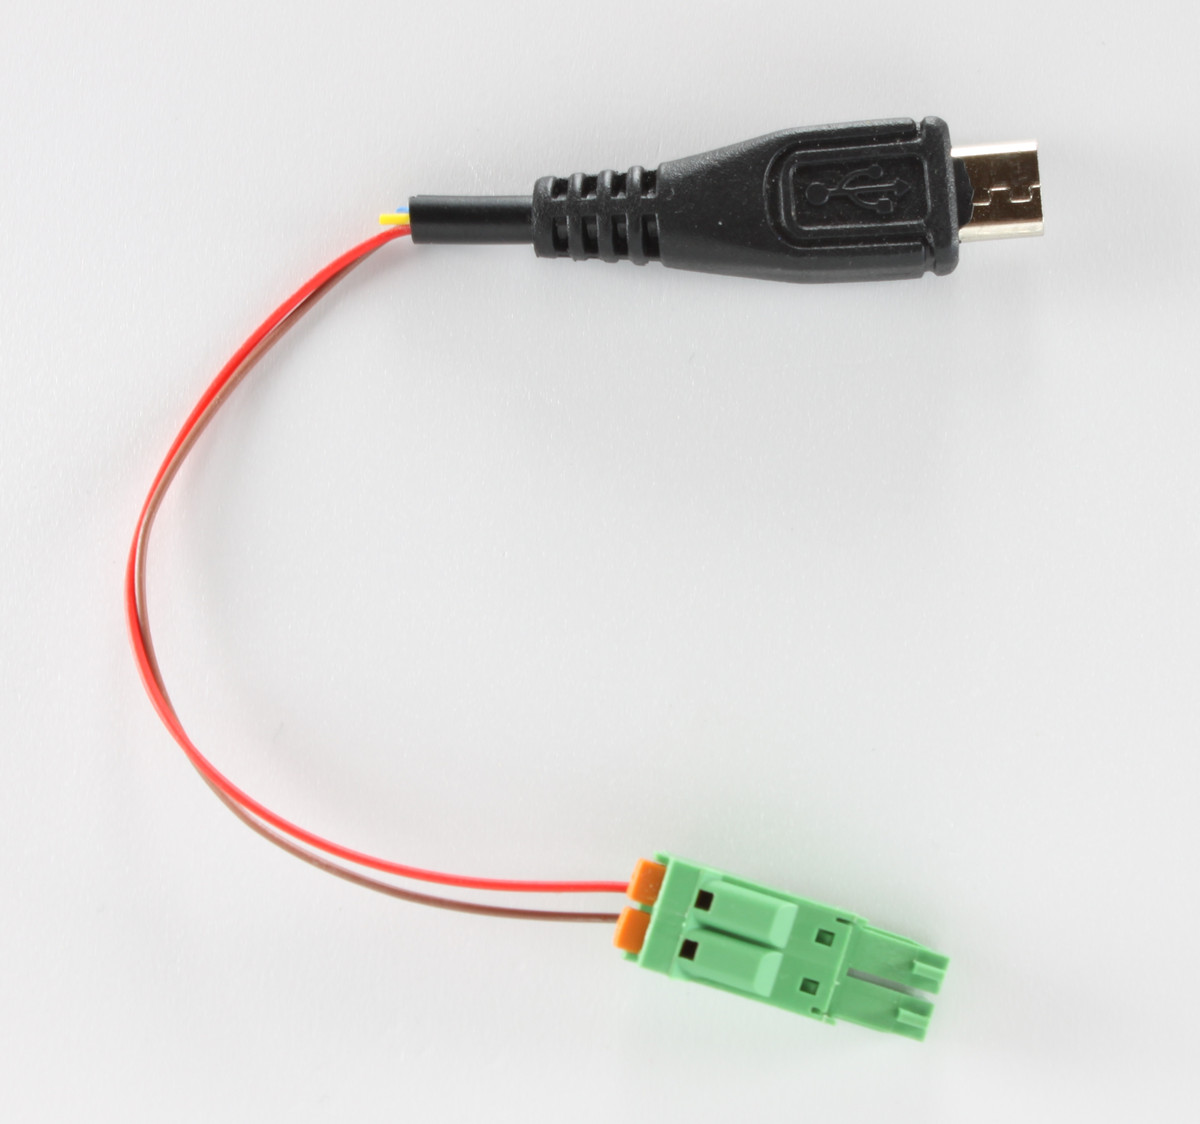 Ungewöhnlich Micro Usb Kabel Schaltplan Zeitgenössisch - Der ...